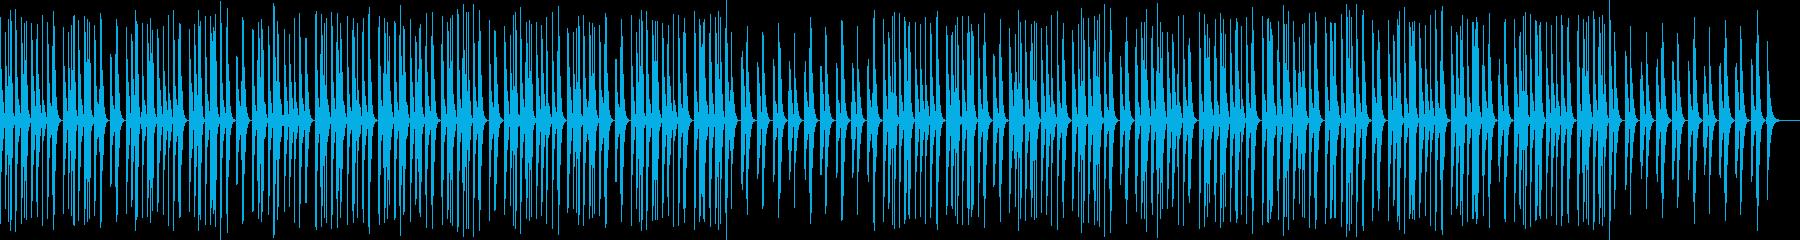 マリンバ・かわいい・ほのぼの、帰り道の再生済みの波形